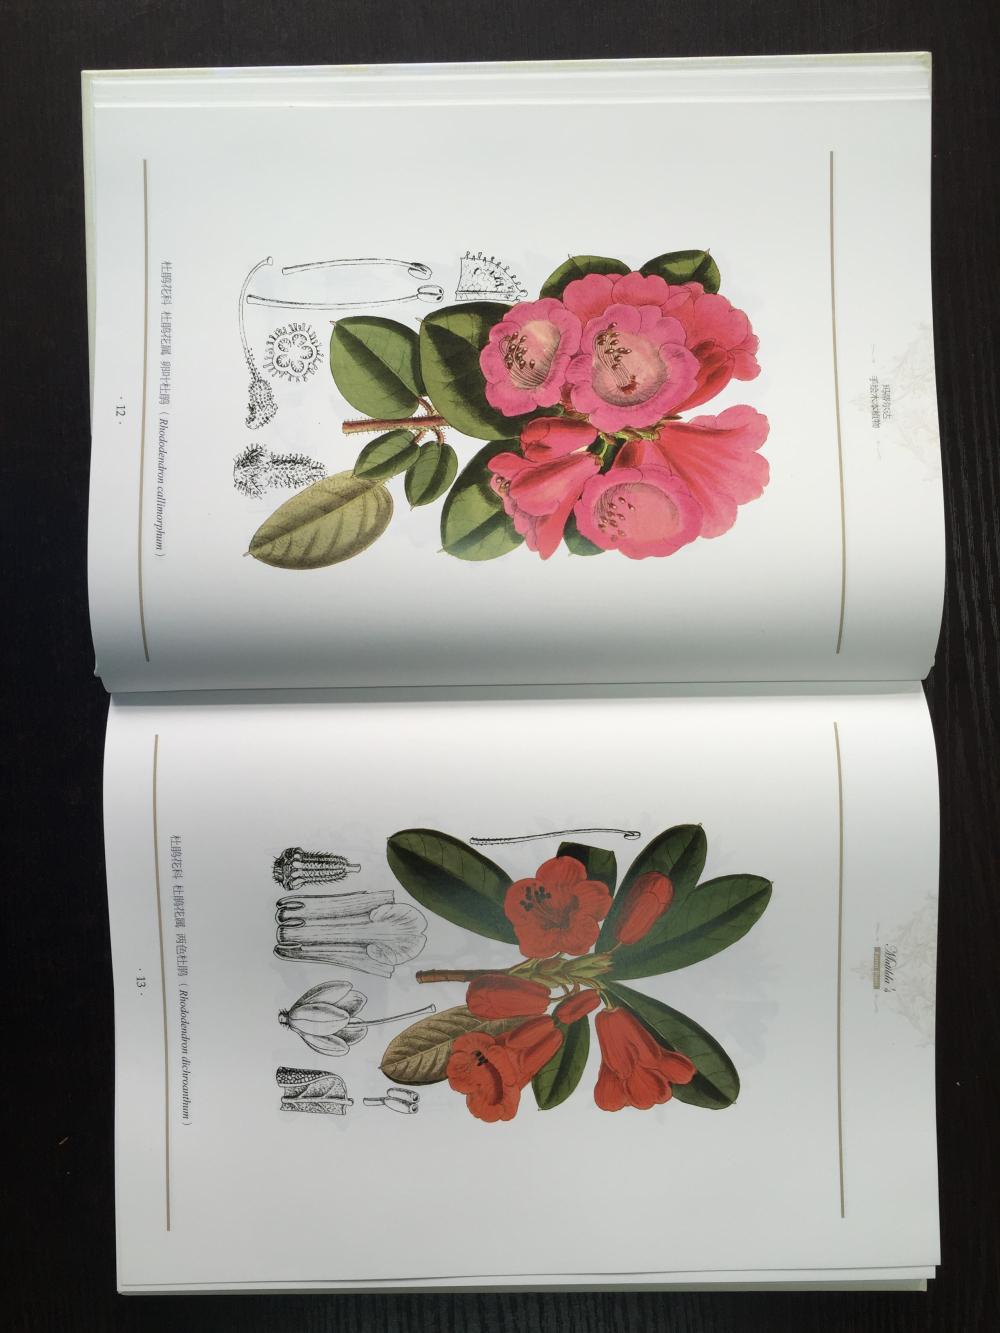 合欢花唯美手绘插画